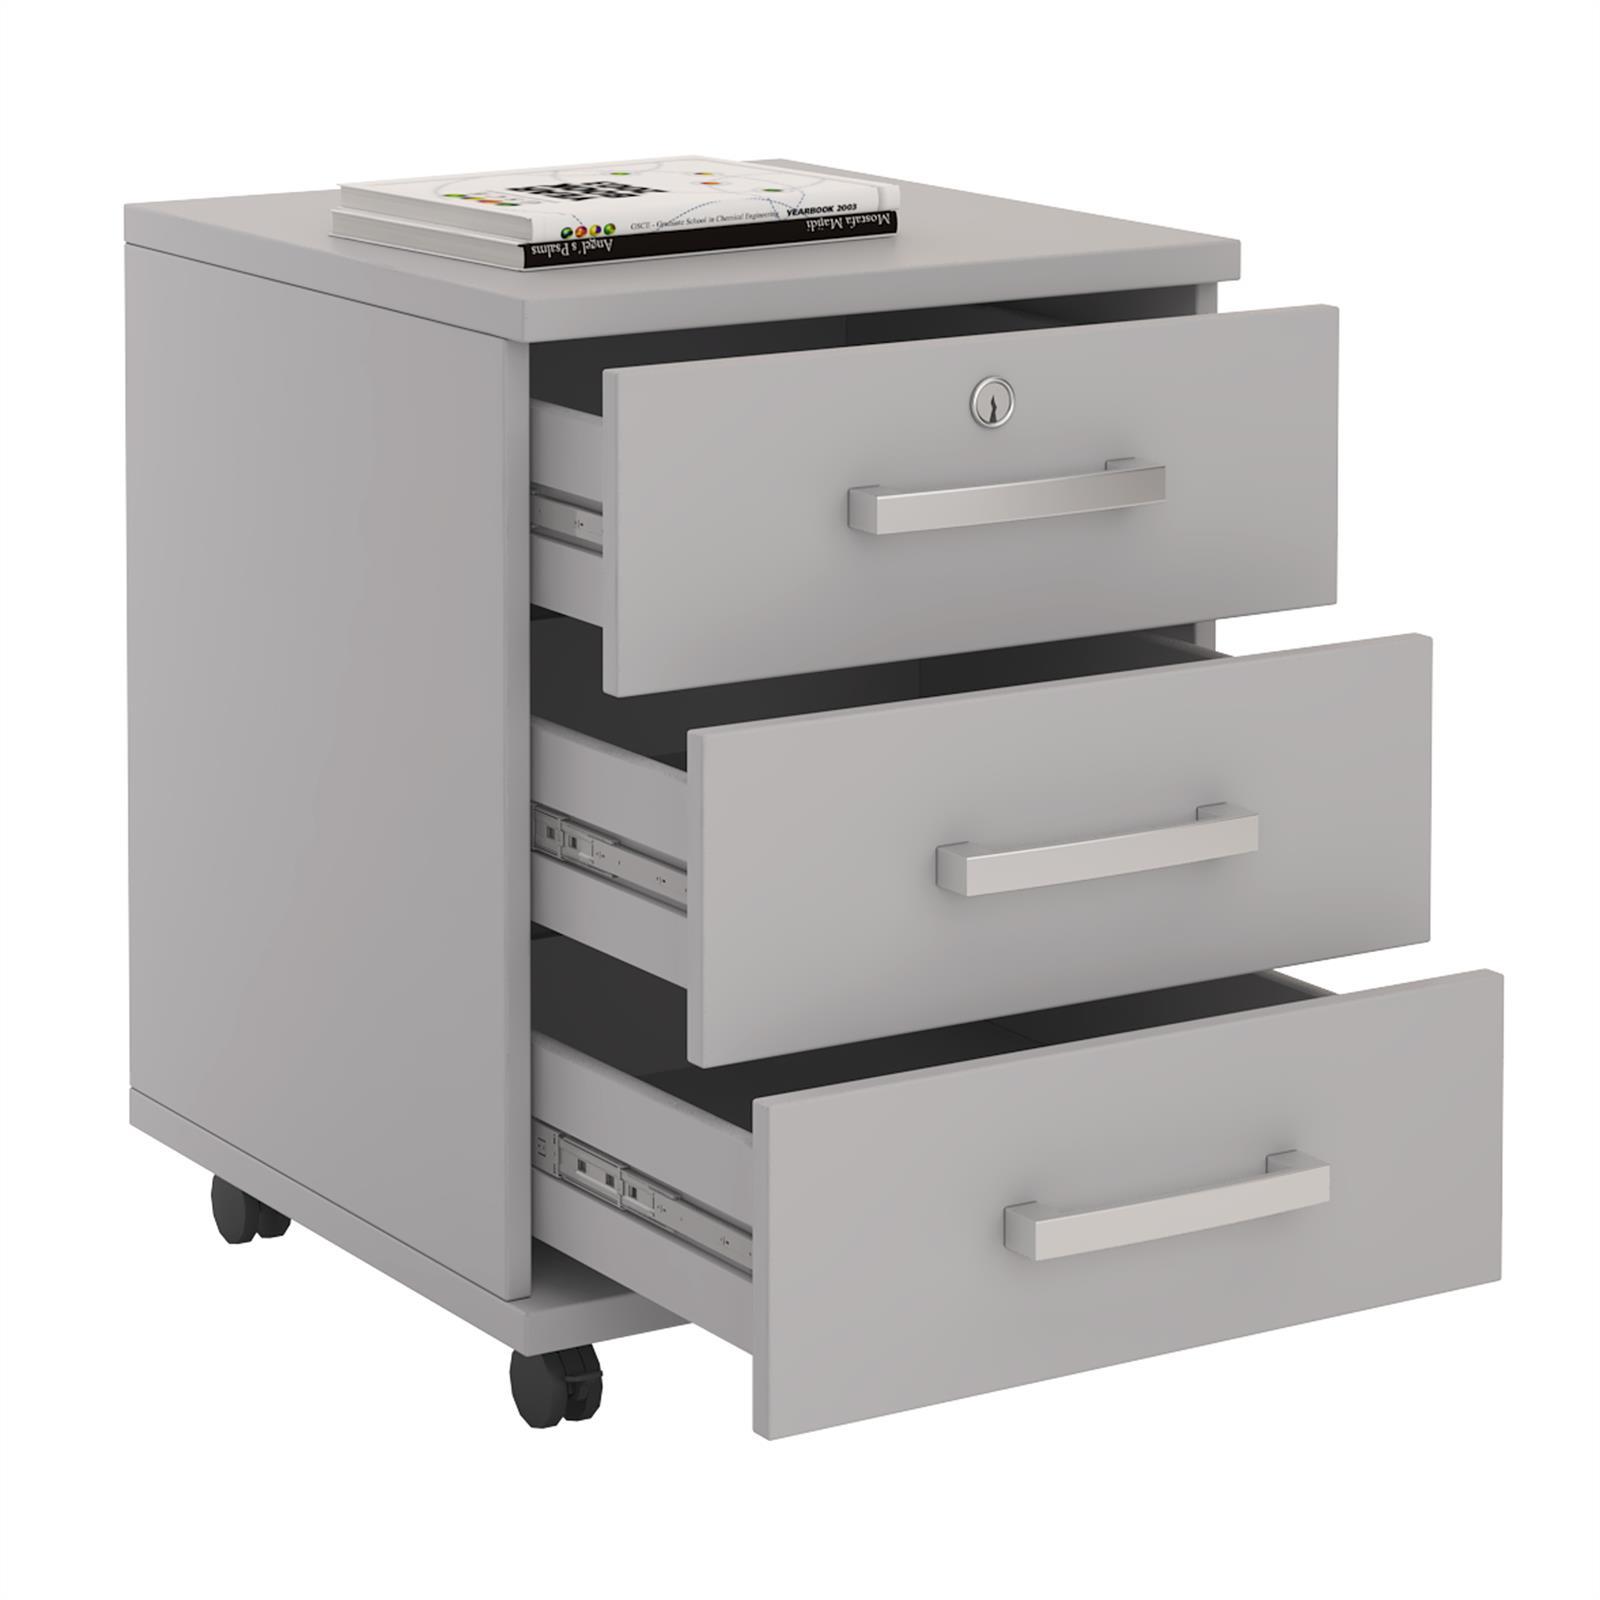 Büroschrank abschließbar  Rollcontainer Bürocontainer Schubladenschrank Büroschrank ...